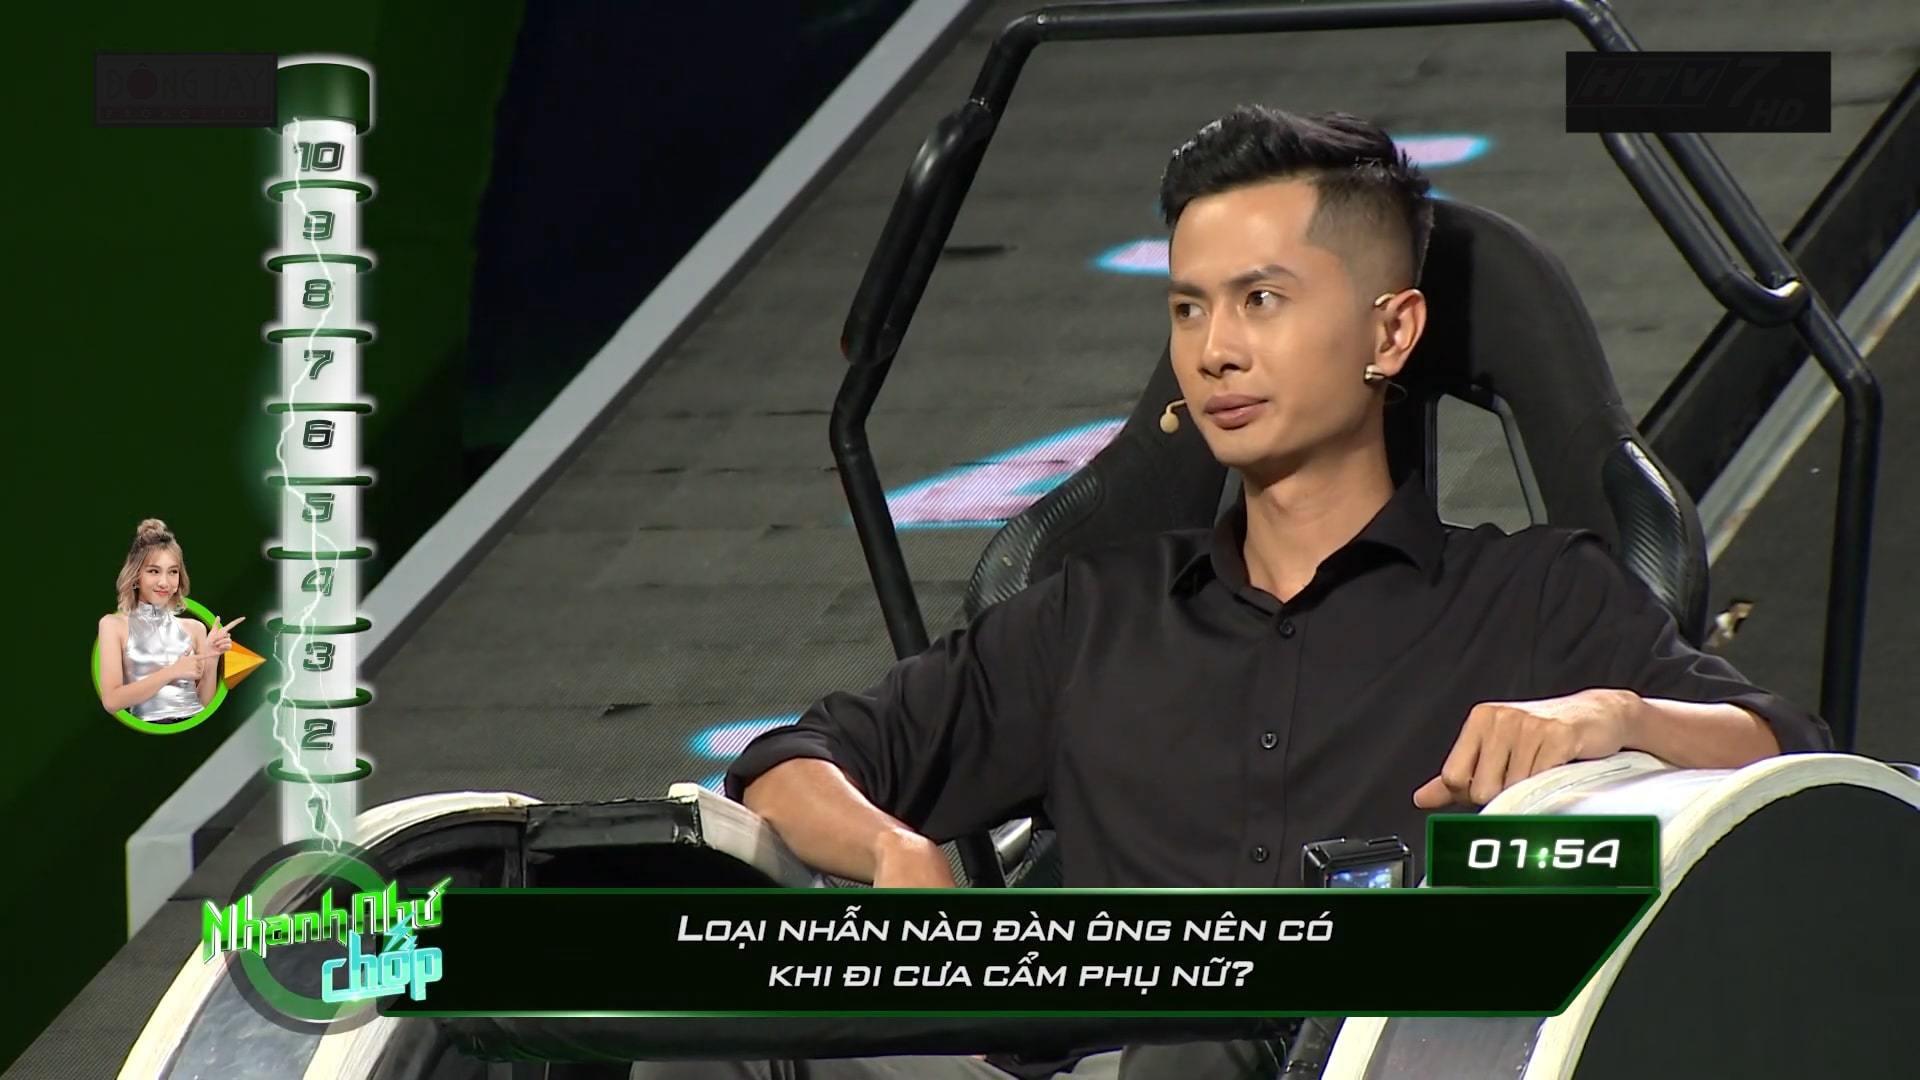 Trường Giang 'đá xéo' chuyện tình cảmHuỳnh Phương trong 'Nhanh như chớp'